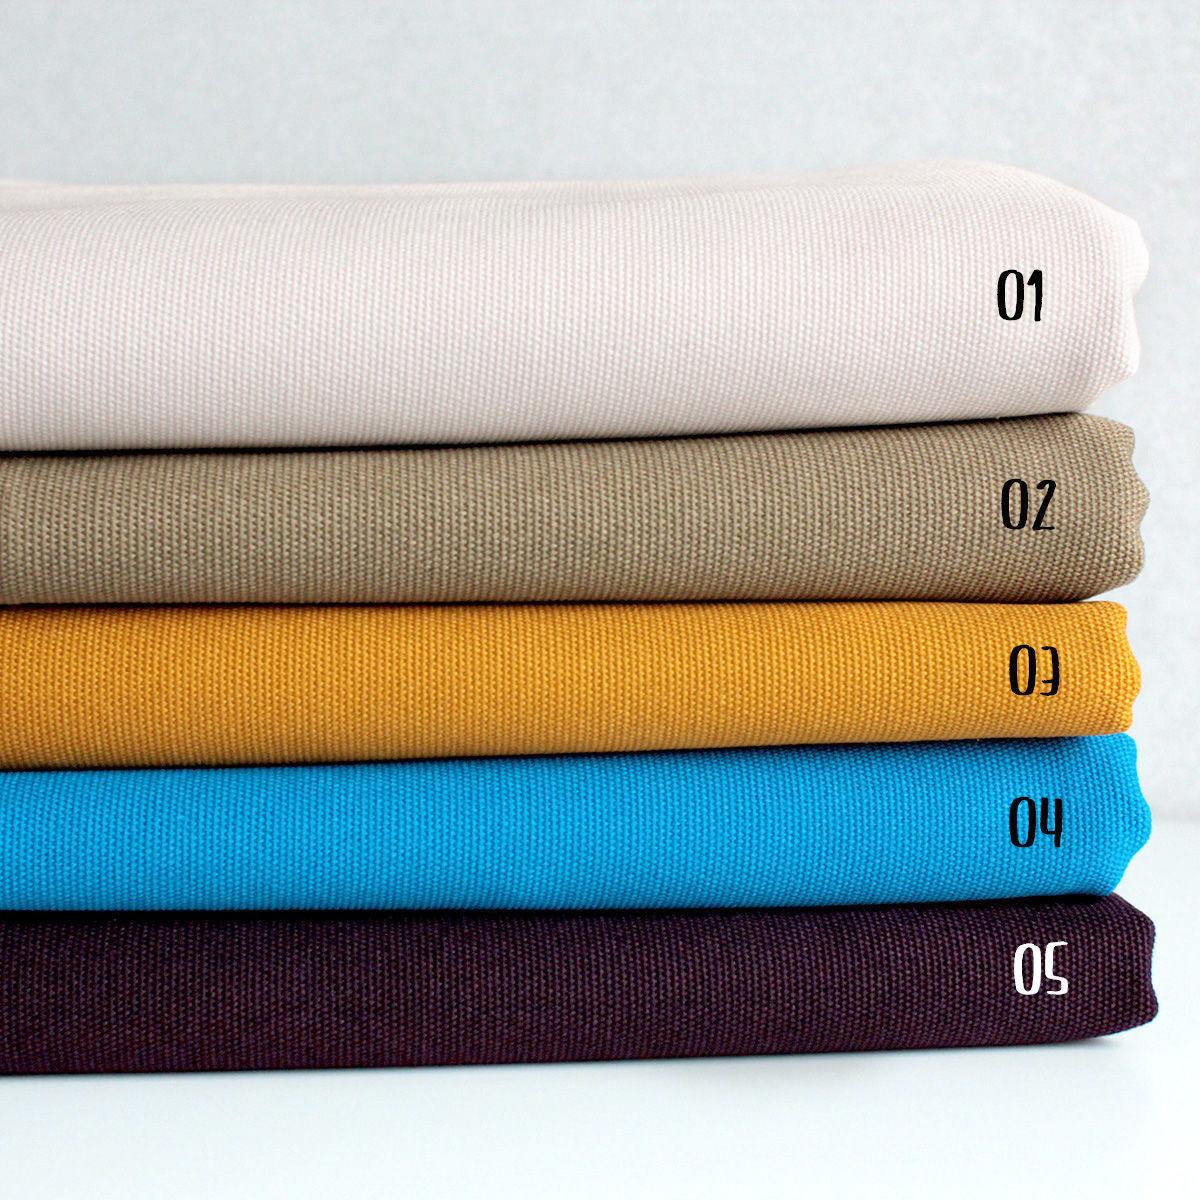 Канвас ткань – что это такое за материал